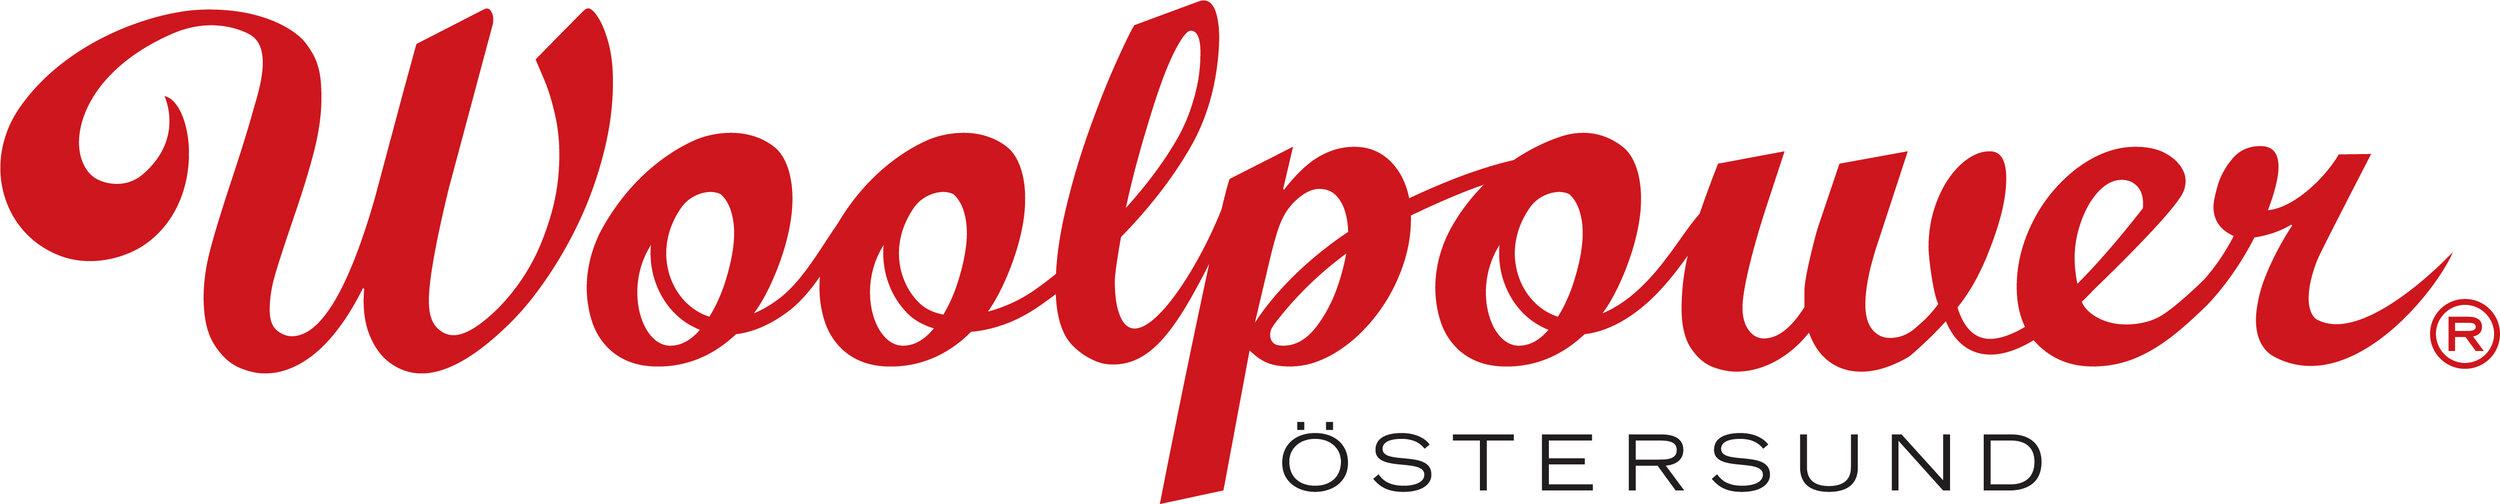 woolpower-logo.jpg